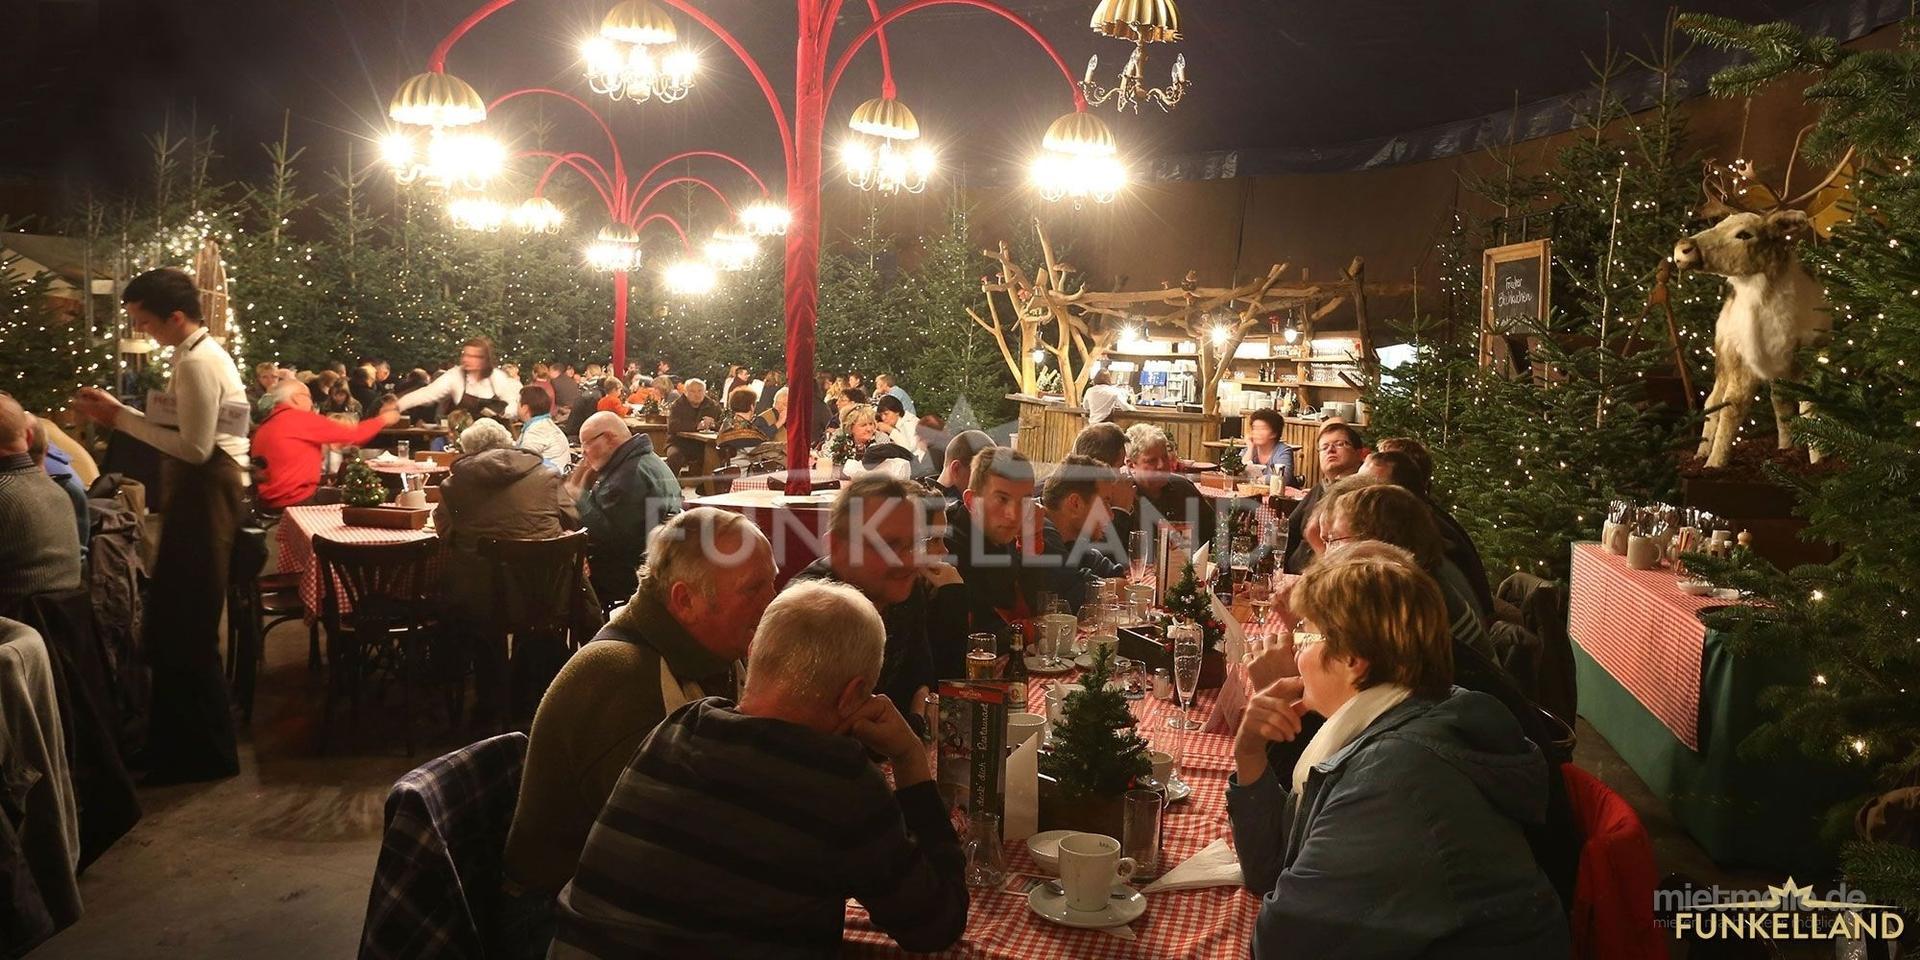 Saisonale Dekoration mieten & vermieten - Der FUNKELWALD - ein verzauberter Märchenwald im FUNKELLAND in Lichtenstein/Sachsen